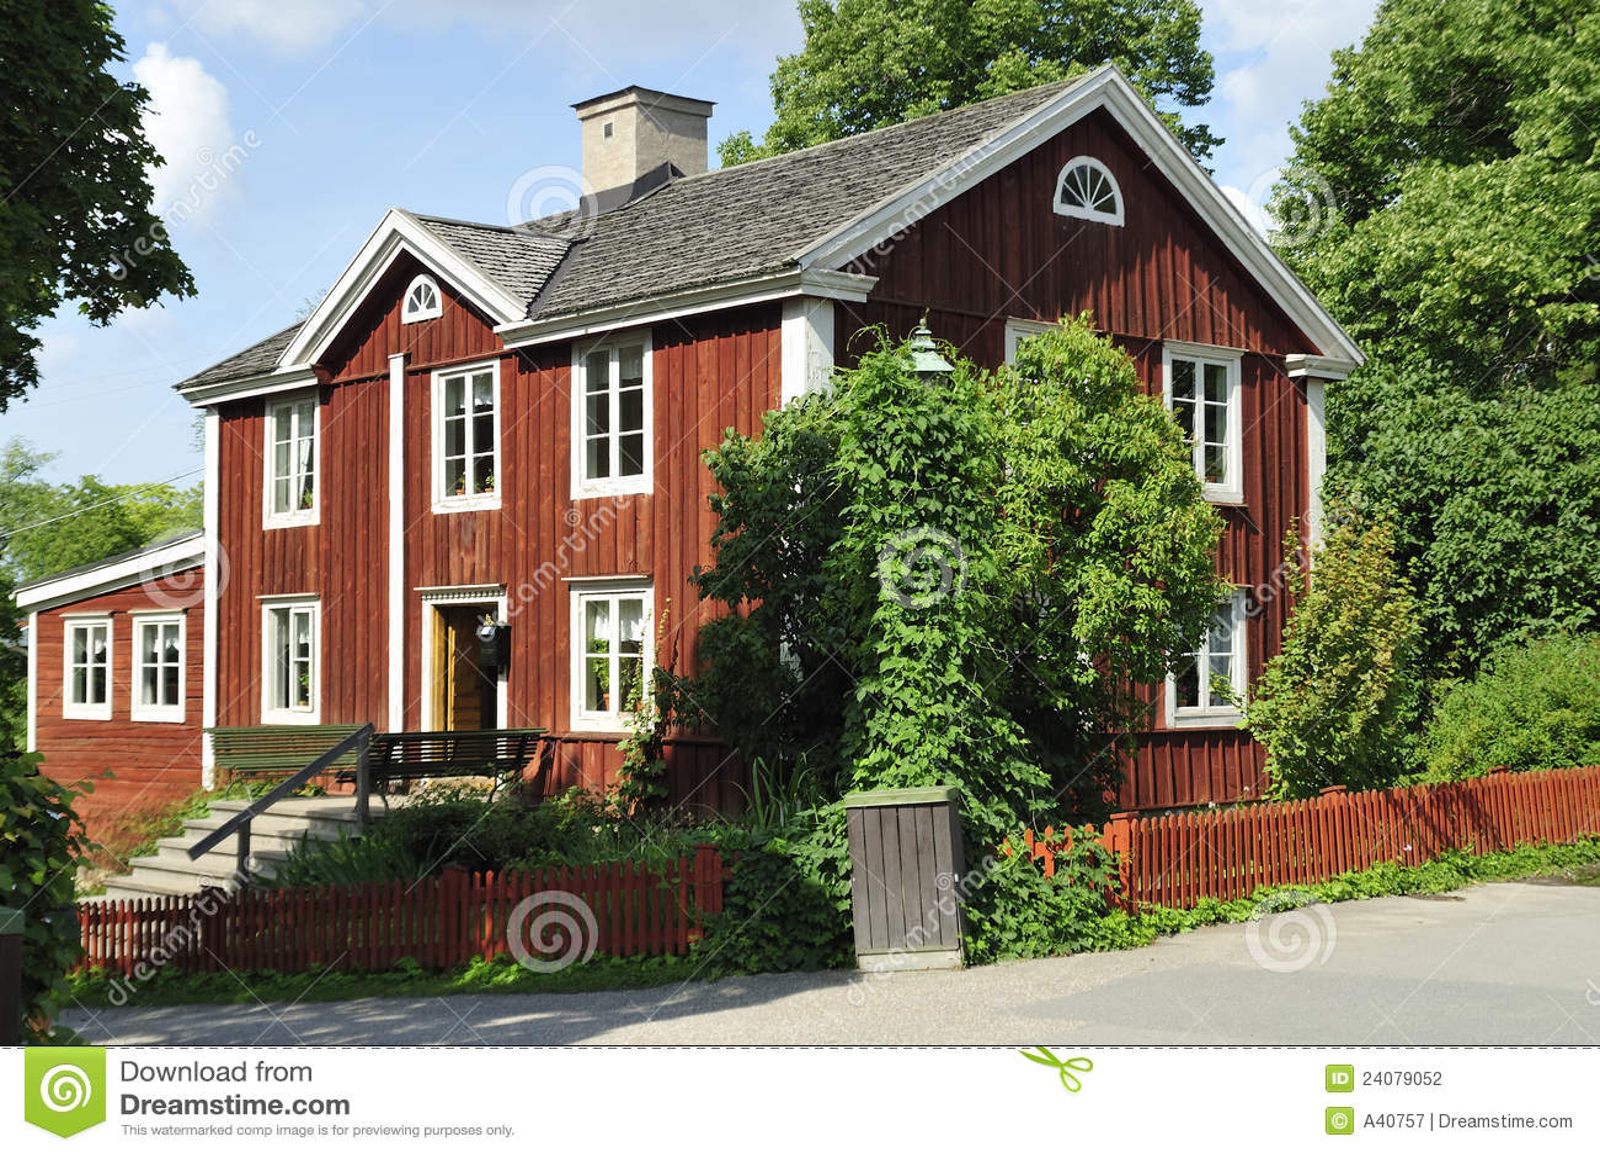 altes schwedisches haus stockfoto. bild von himmel, kultur - 24079052